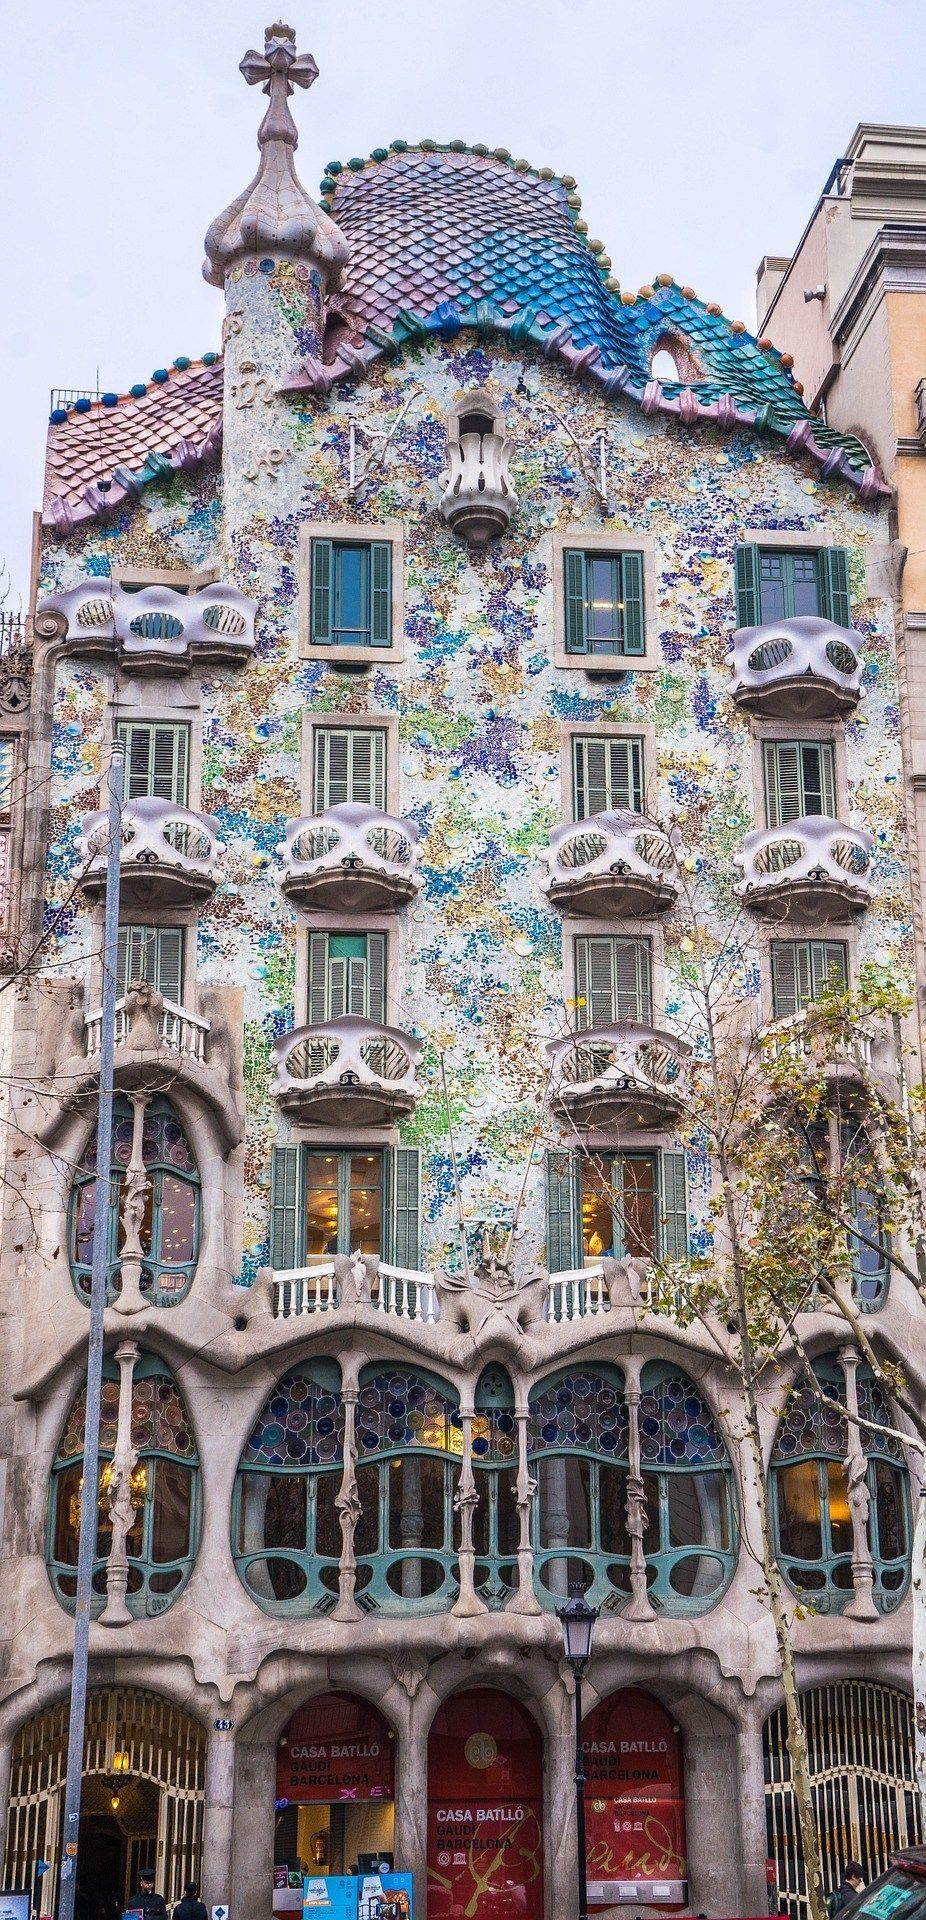 170 Barcelona Ideas In 2021 Barcelona Study Abroad Spain